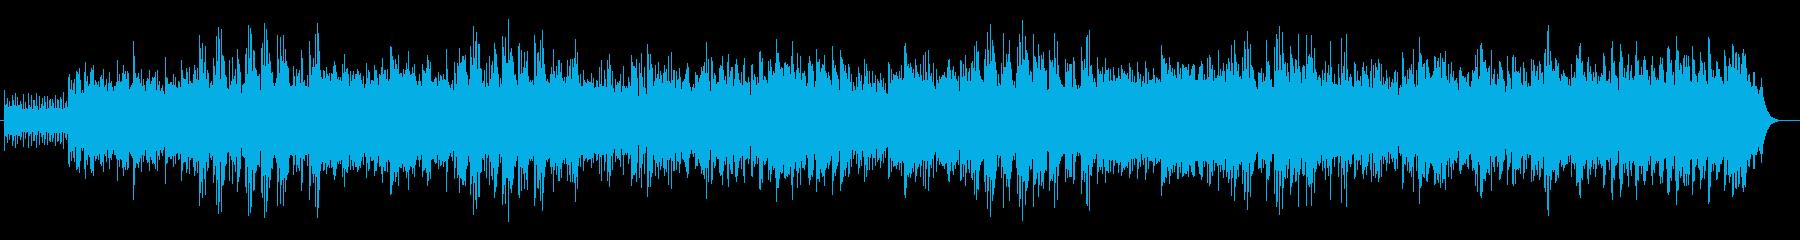 かわいらしいシンセ・木琴などのサウンドの再生済みの波形